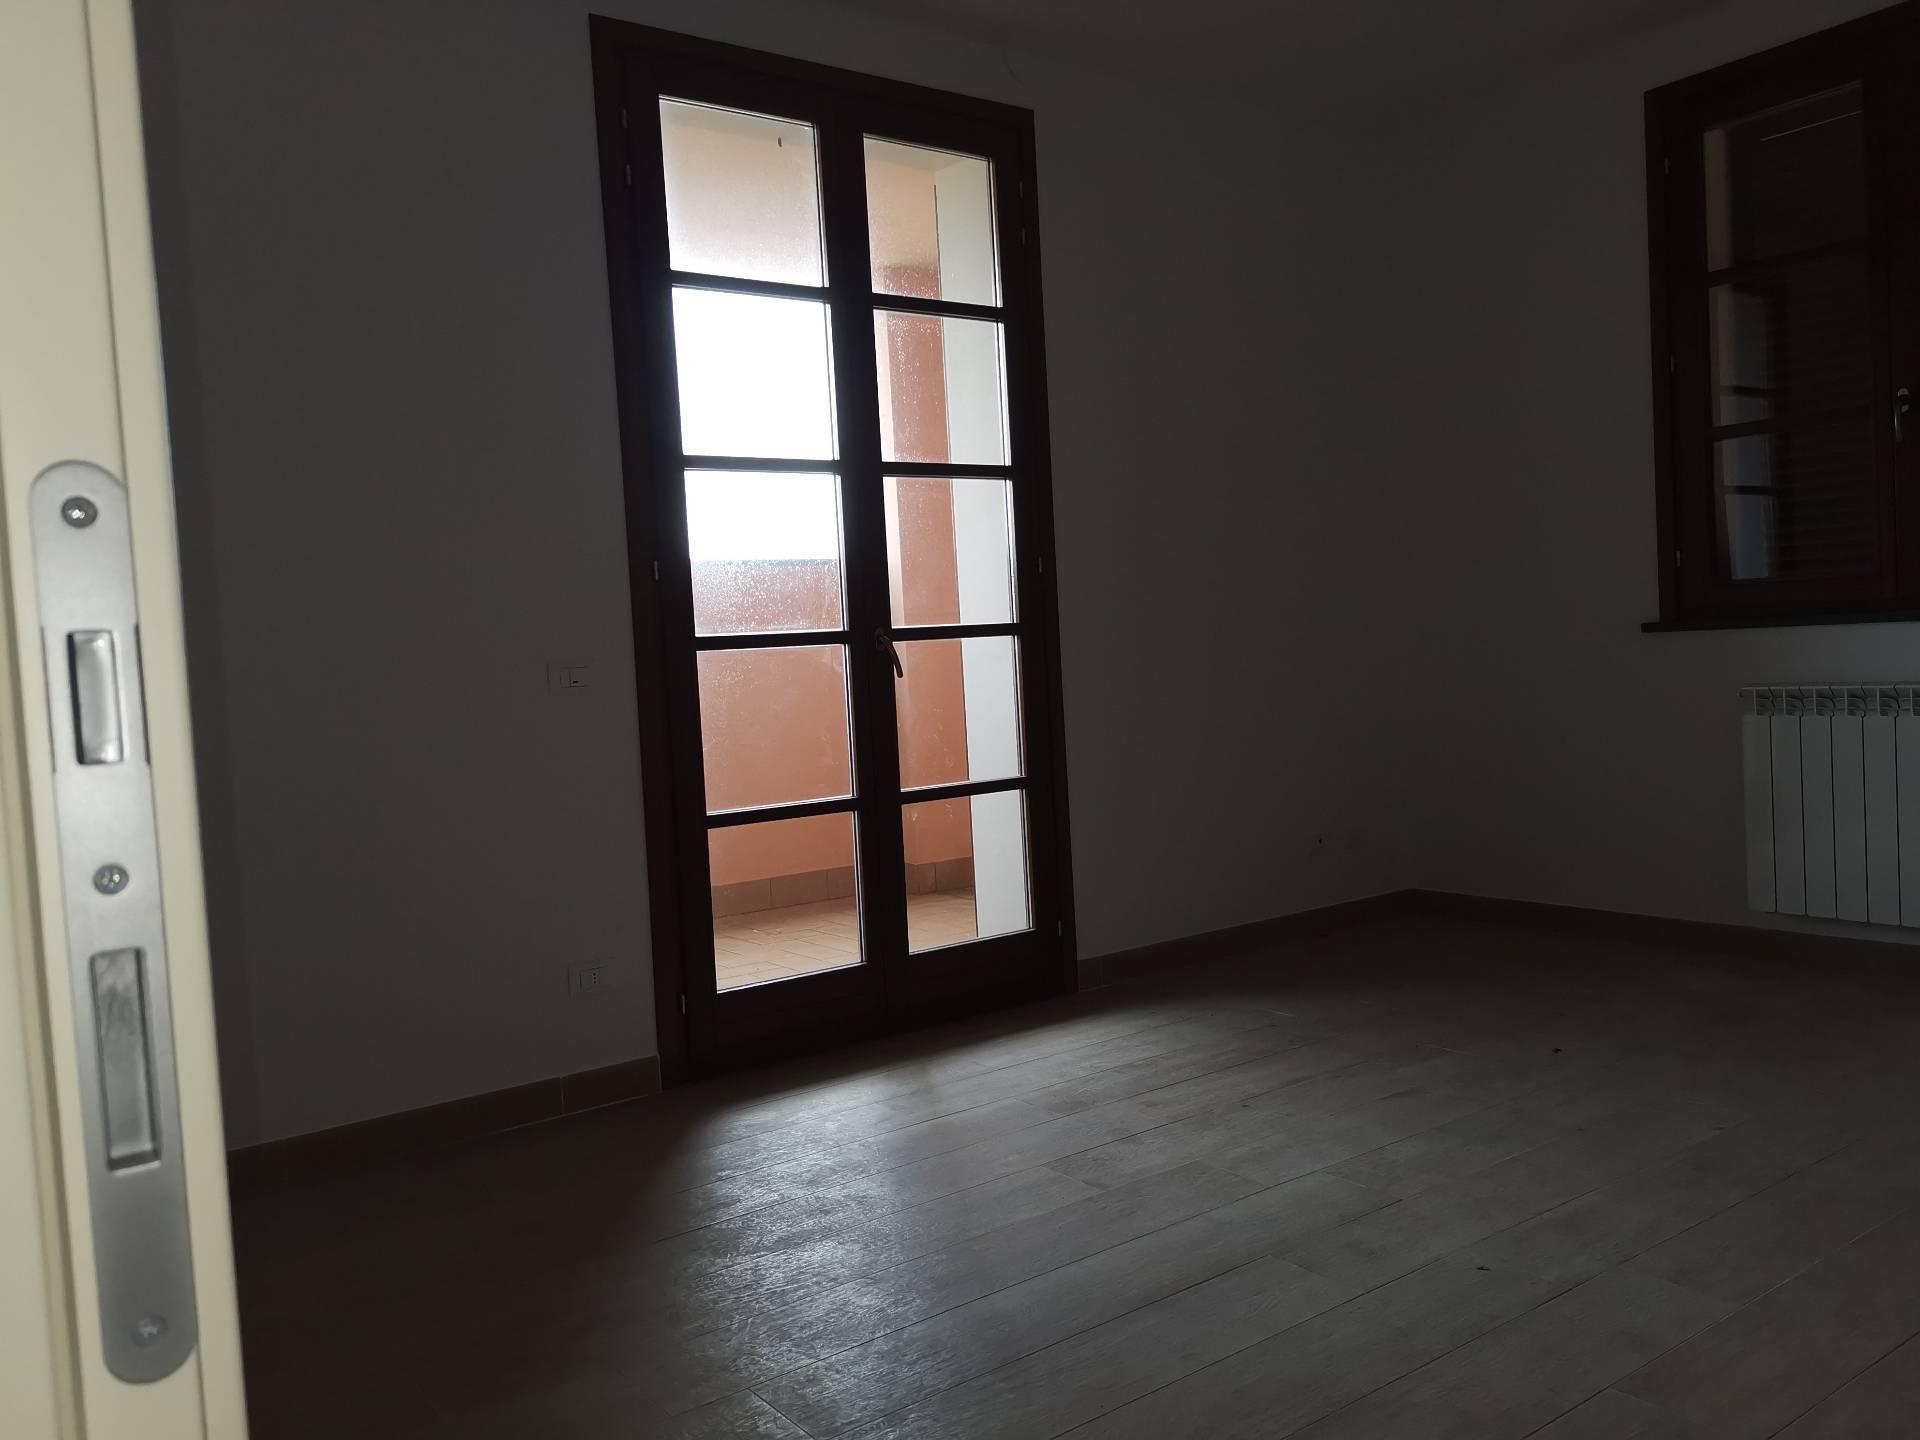 Appartamento in vendita a Bientina, 3 locali, zona Località: Bientina, prezzo € 165.000 | PortaleAgenzieImmobiliari.it